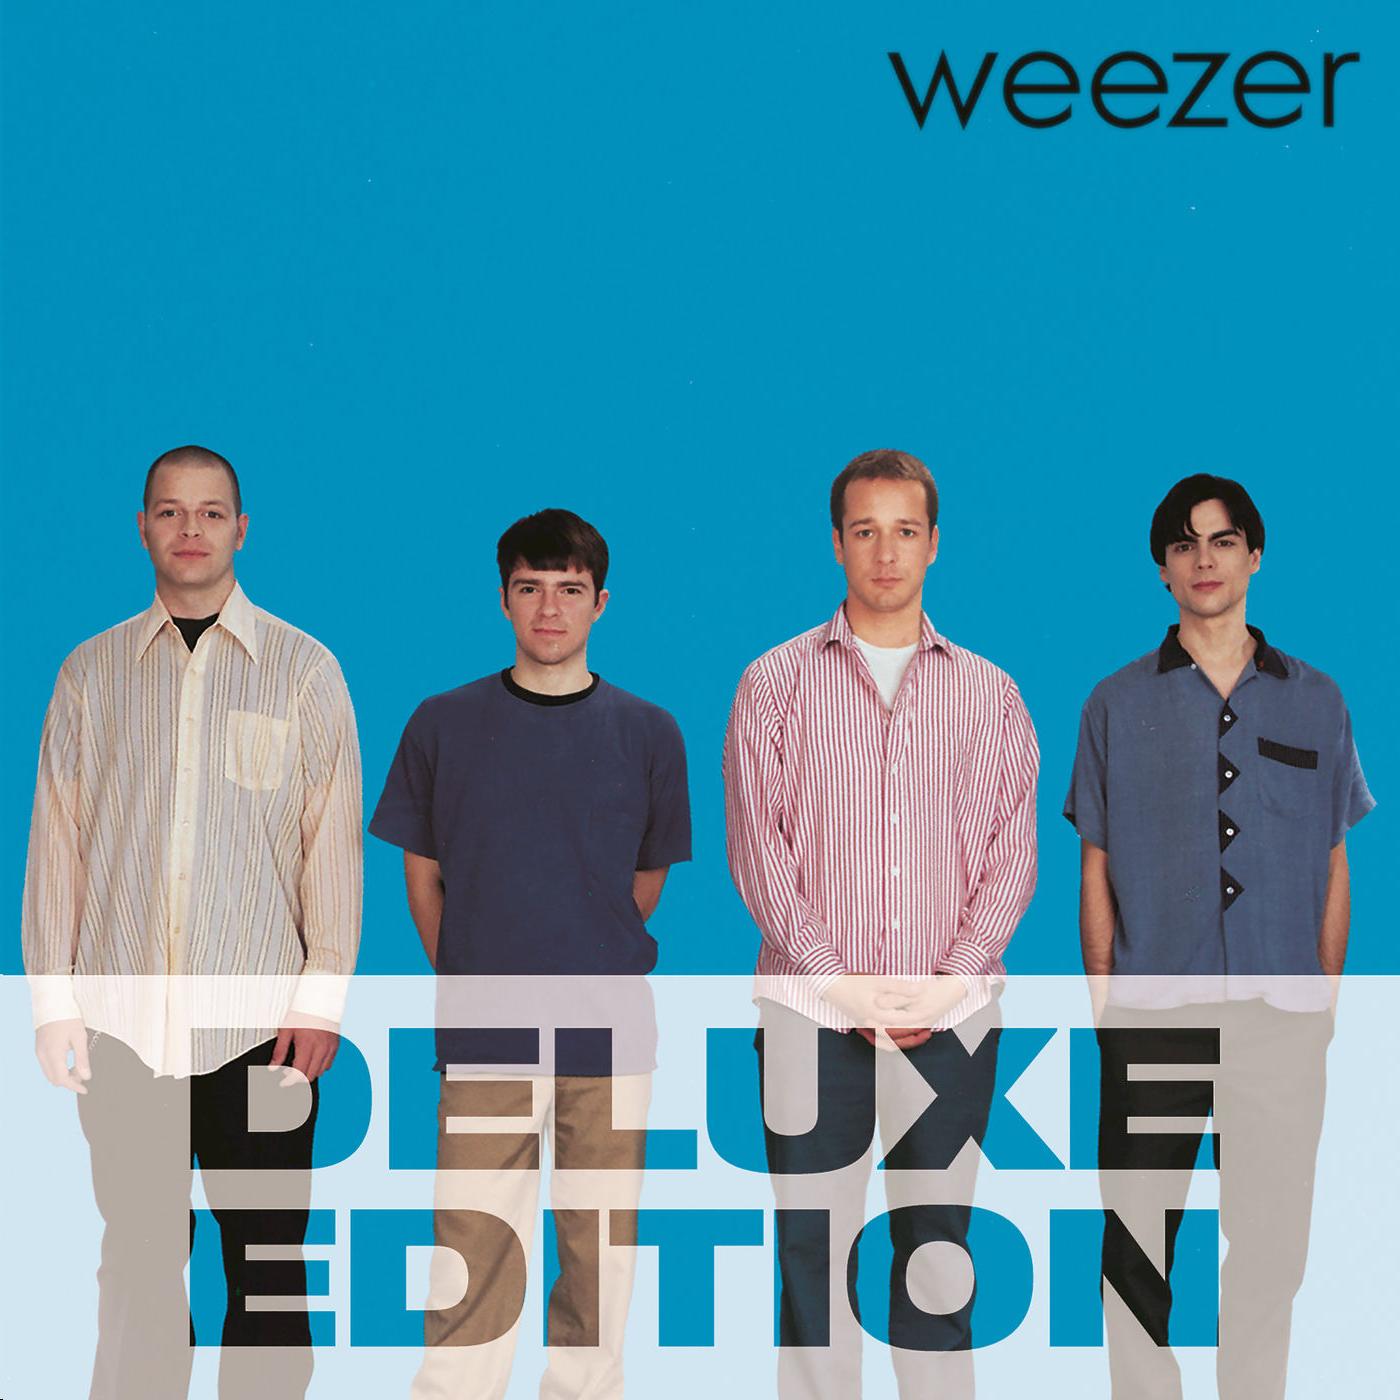 Weezer - Weezer (Deluxe Edition)